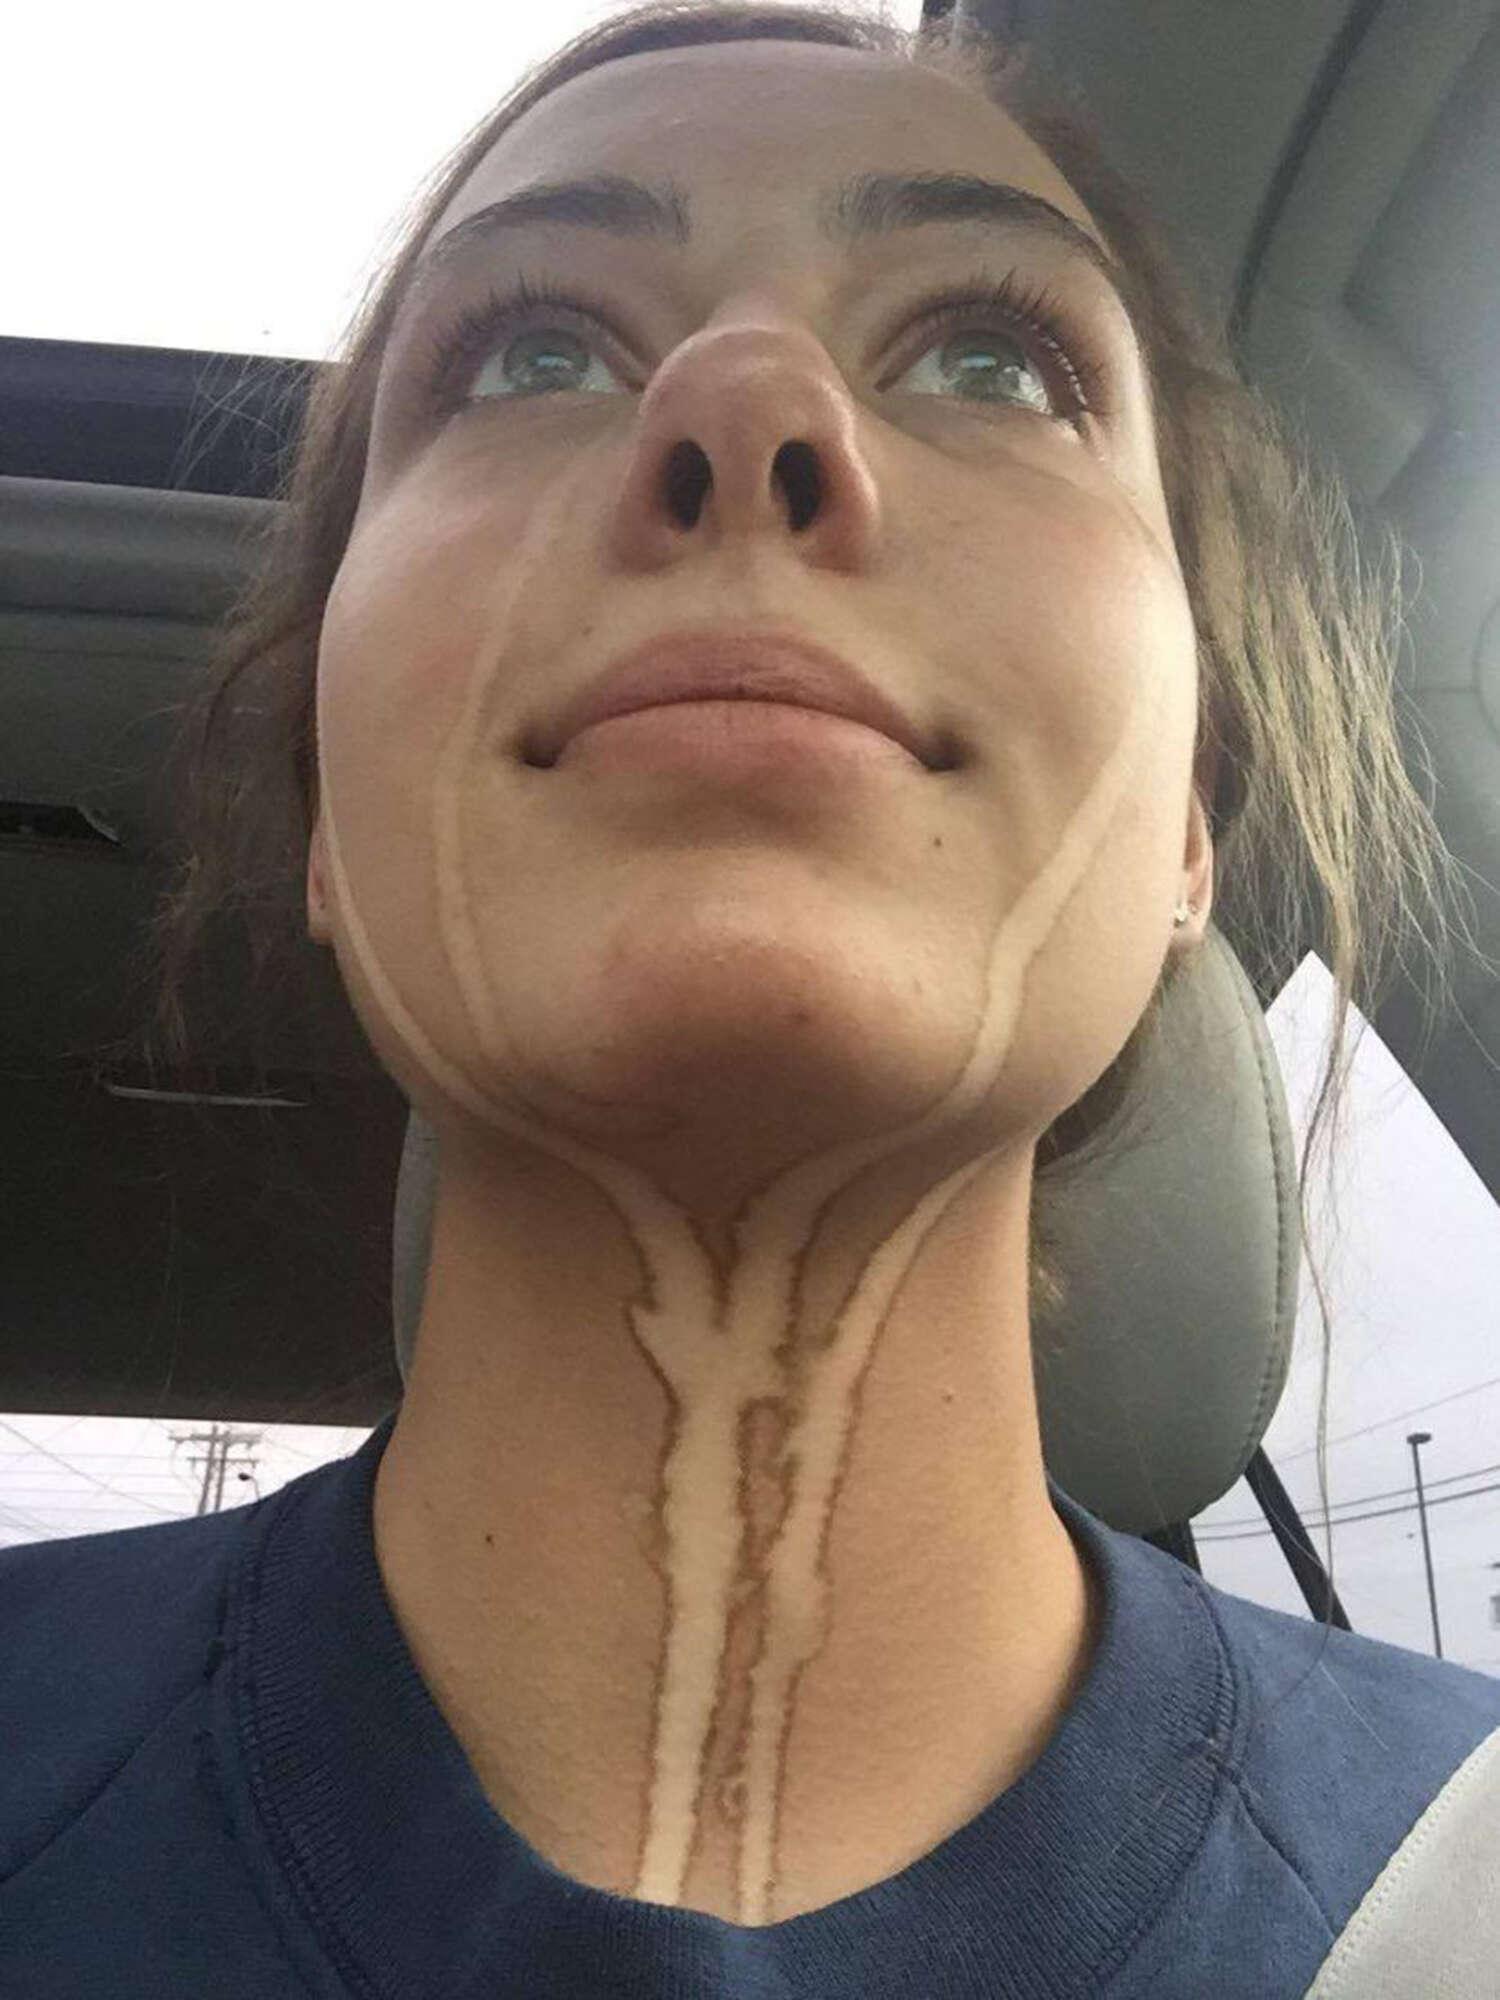 Adolescente fica com marcas de choro no rosto após sessão de bronzeamento artificial